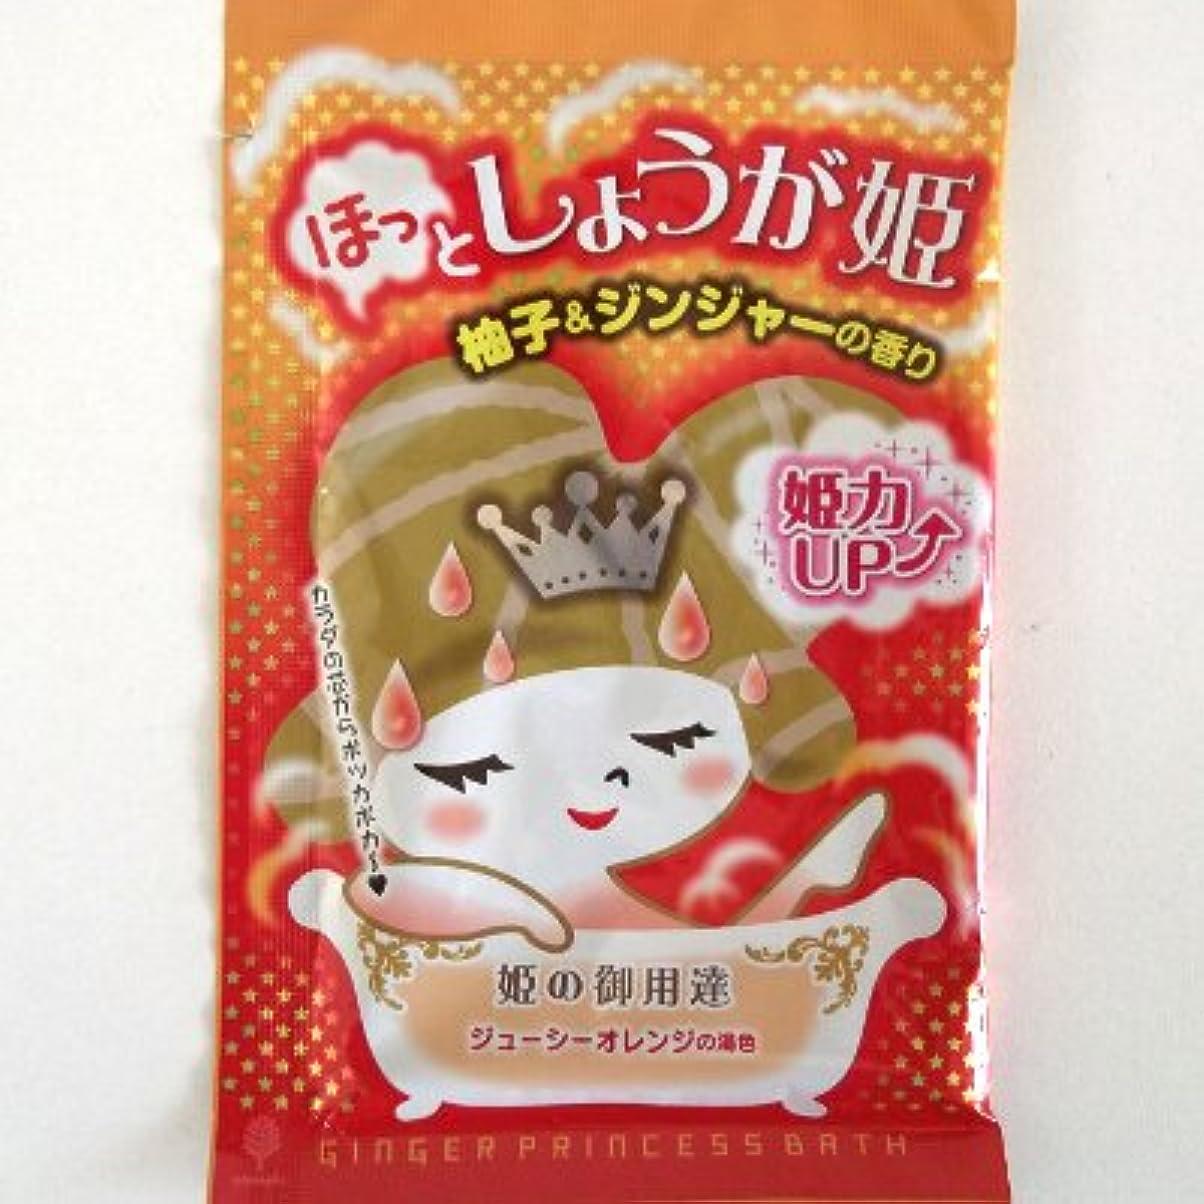 契約サミットフローほっとしょうが姫 柚子&ジンジャーの香り